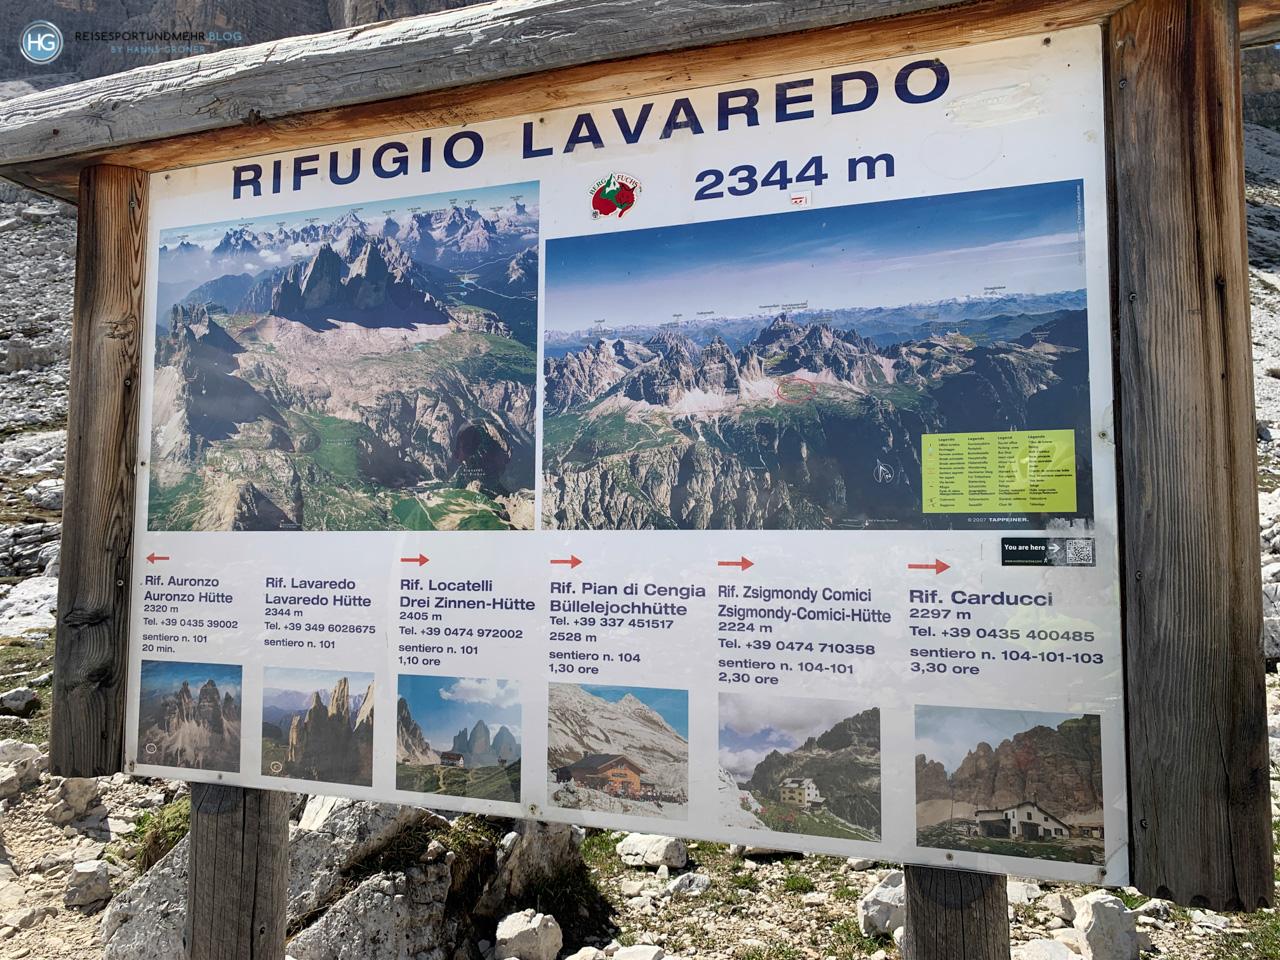 Drei Zinnen 2020 - Rifugio Lavaredo (Foto: Hanns Gröner)